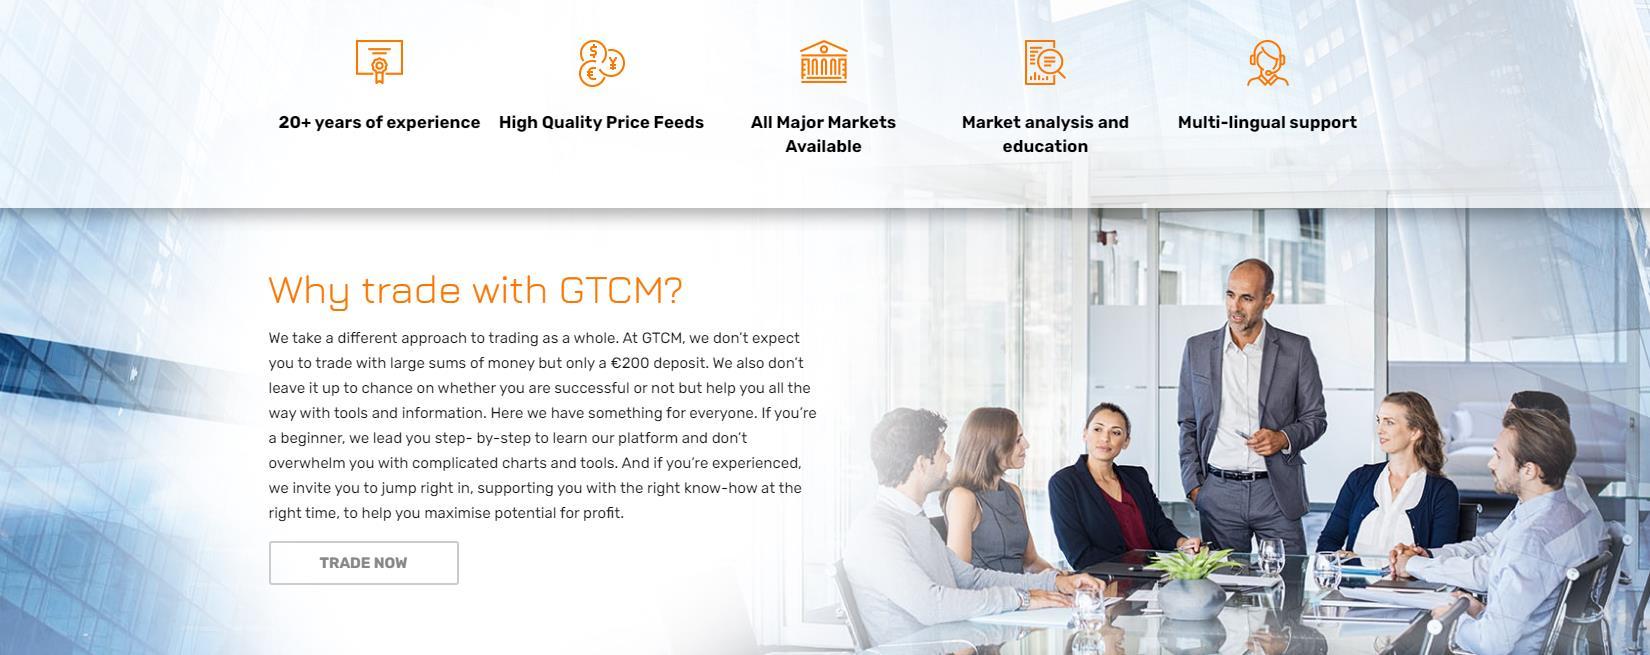 обзор брокерской компании gtcm